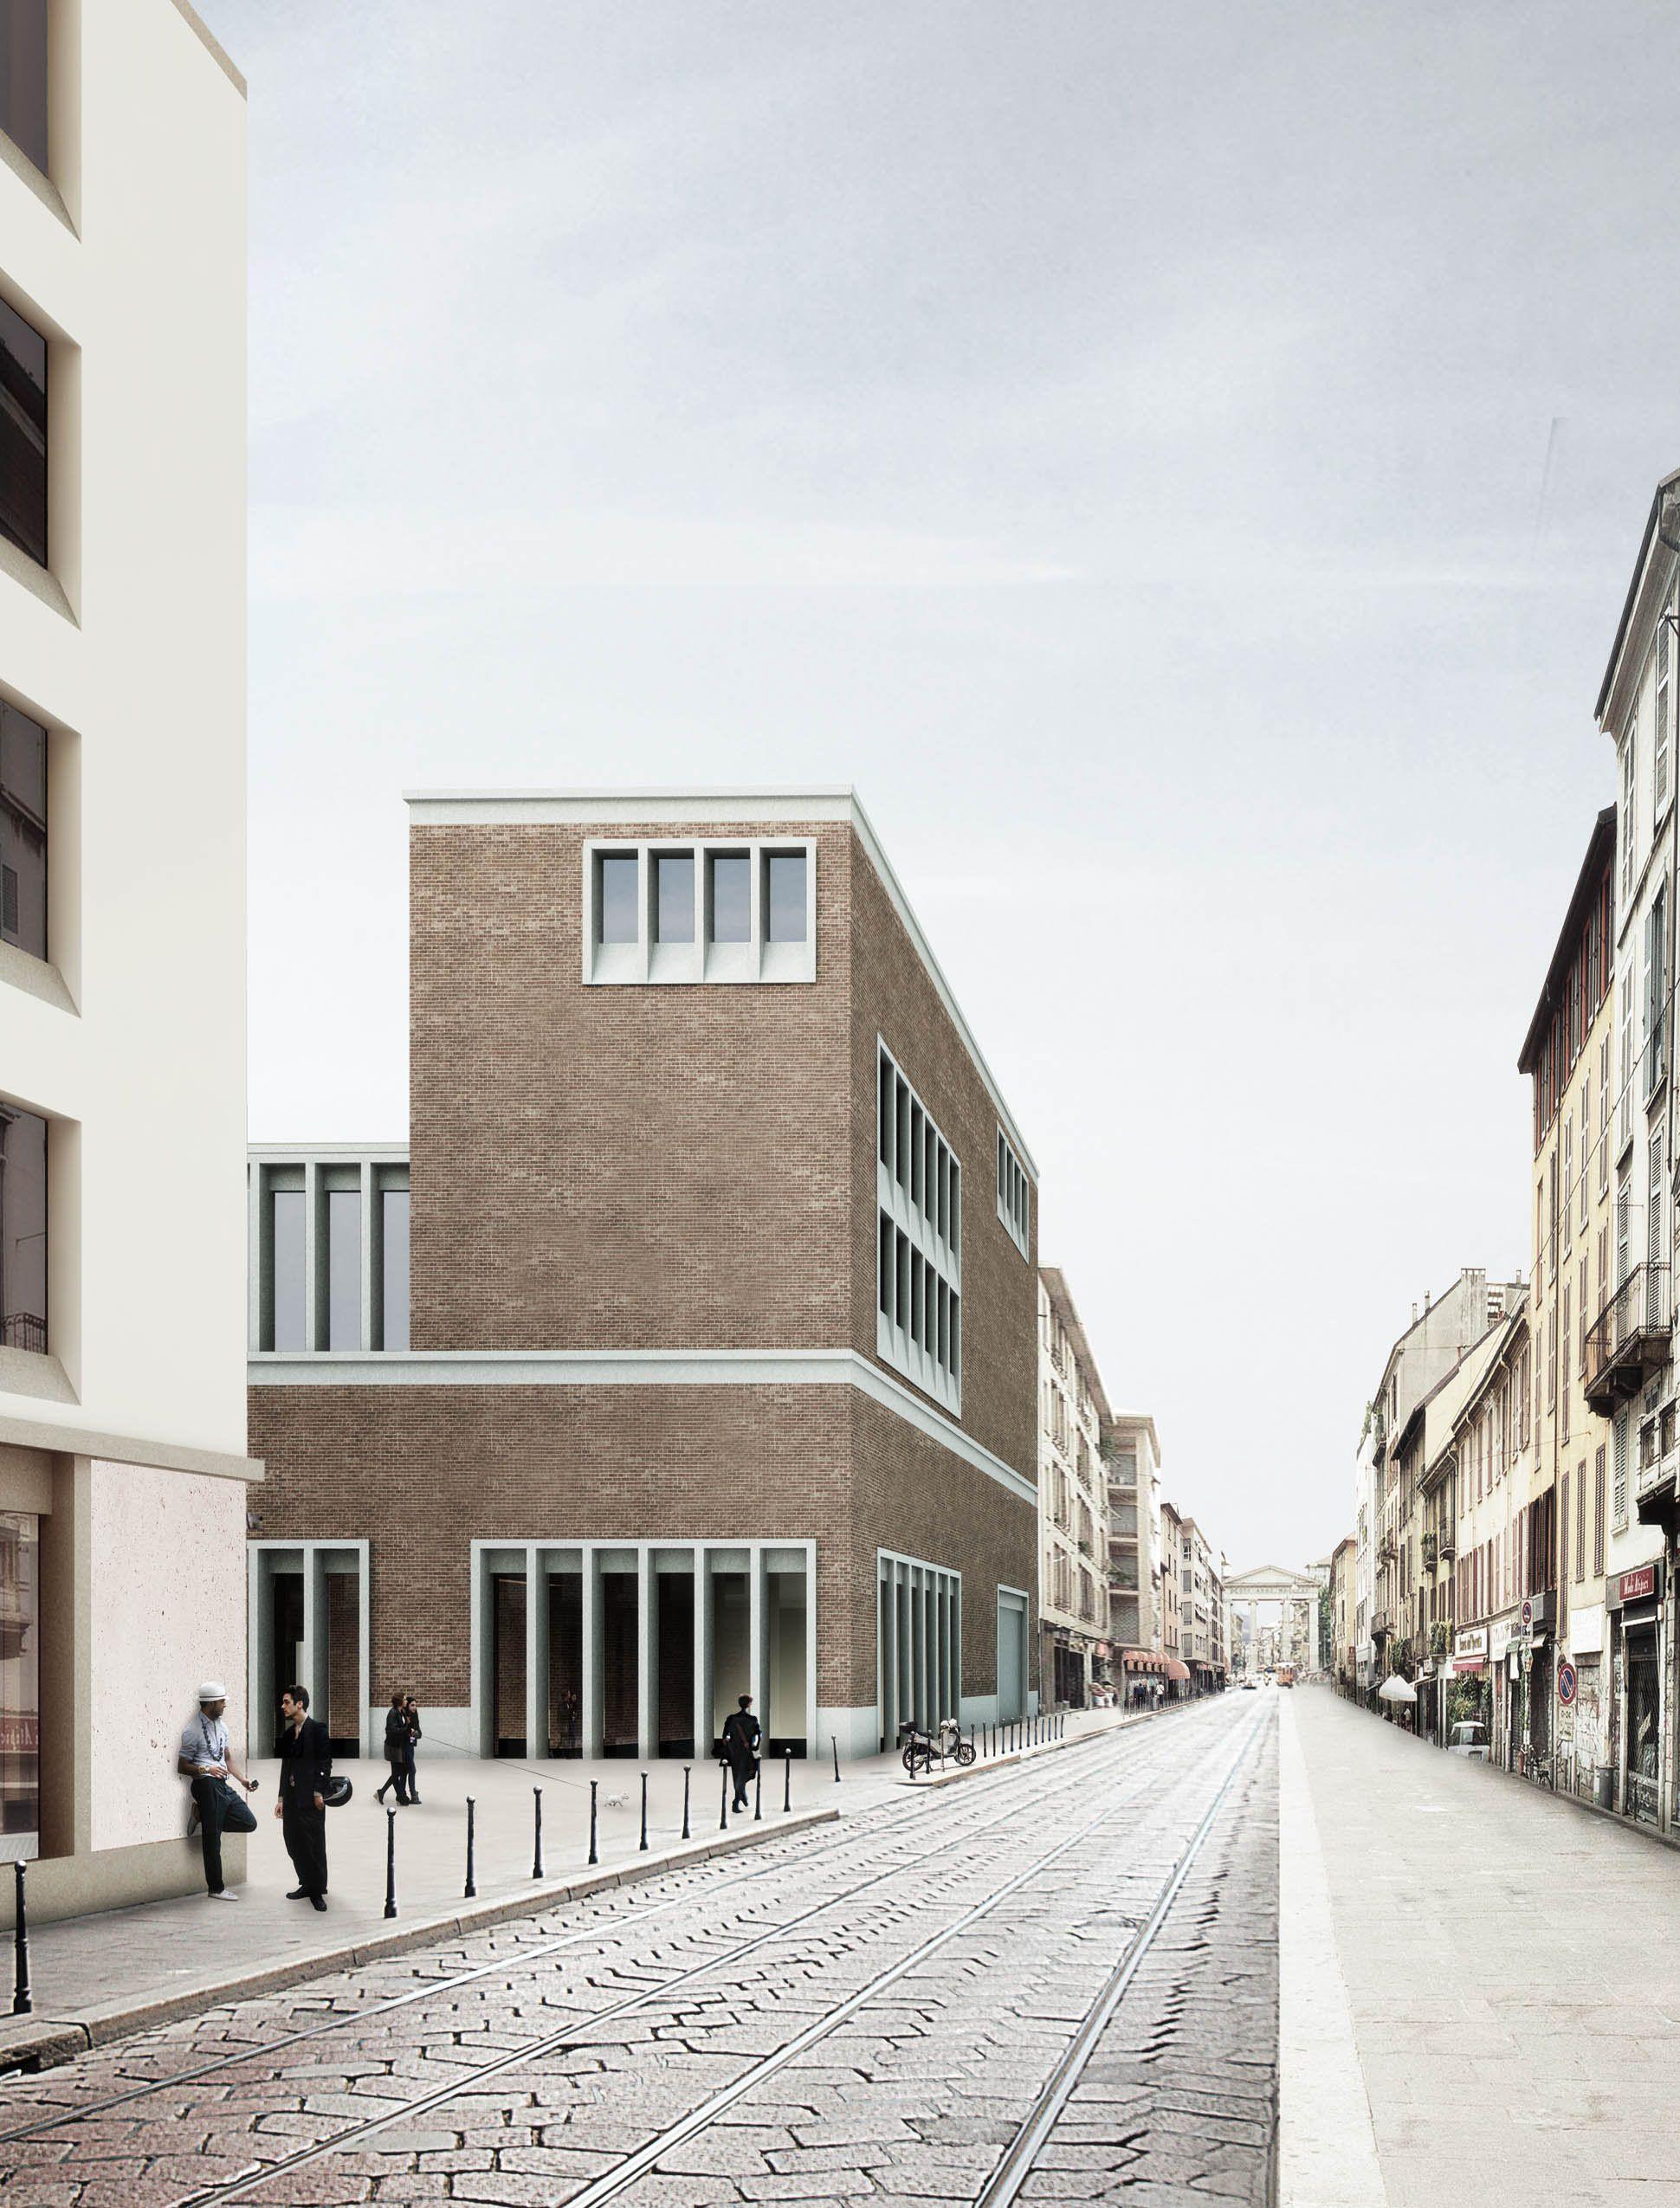 1st Prize Offentliche Bauten Blick Aus Der Strasse Corso Di Porta Ticinese Architektur Zeichnungen Architektur Visualisierung Architektur